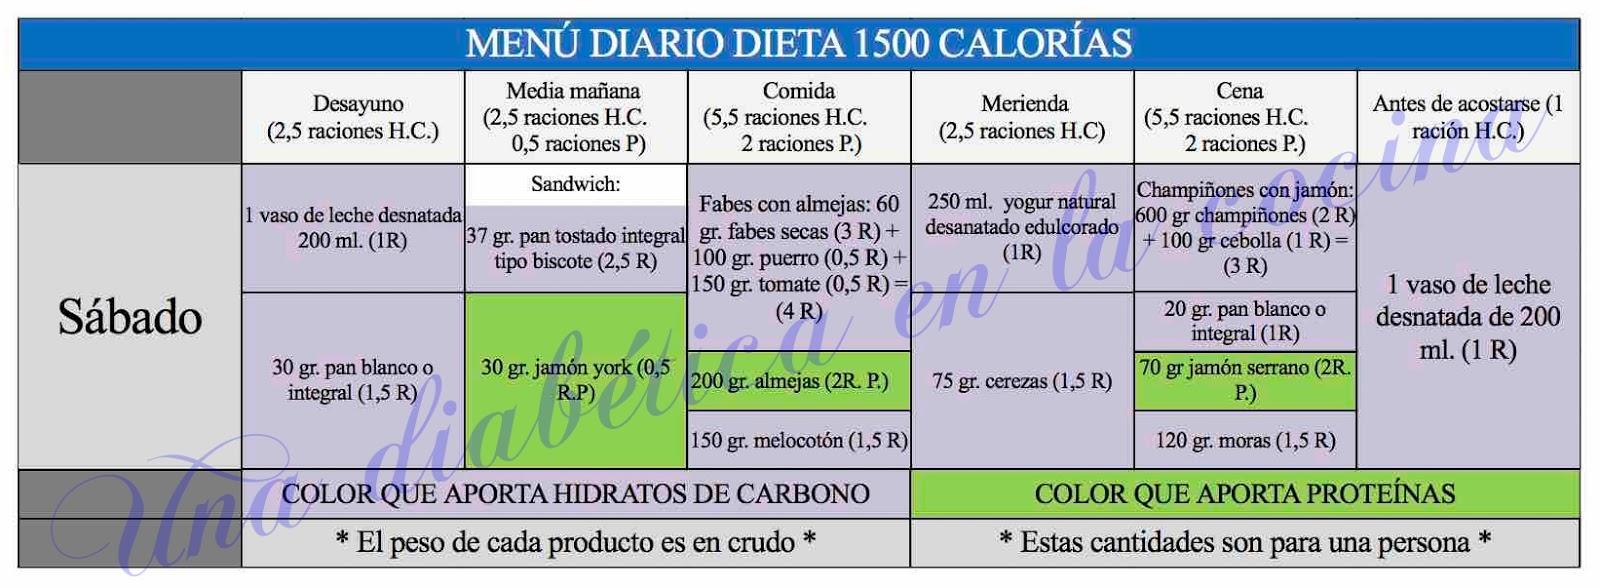 Dieta de 1000 calorias para diabeticos